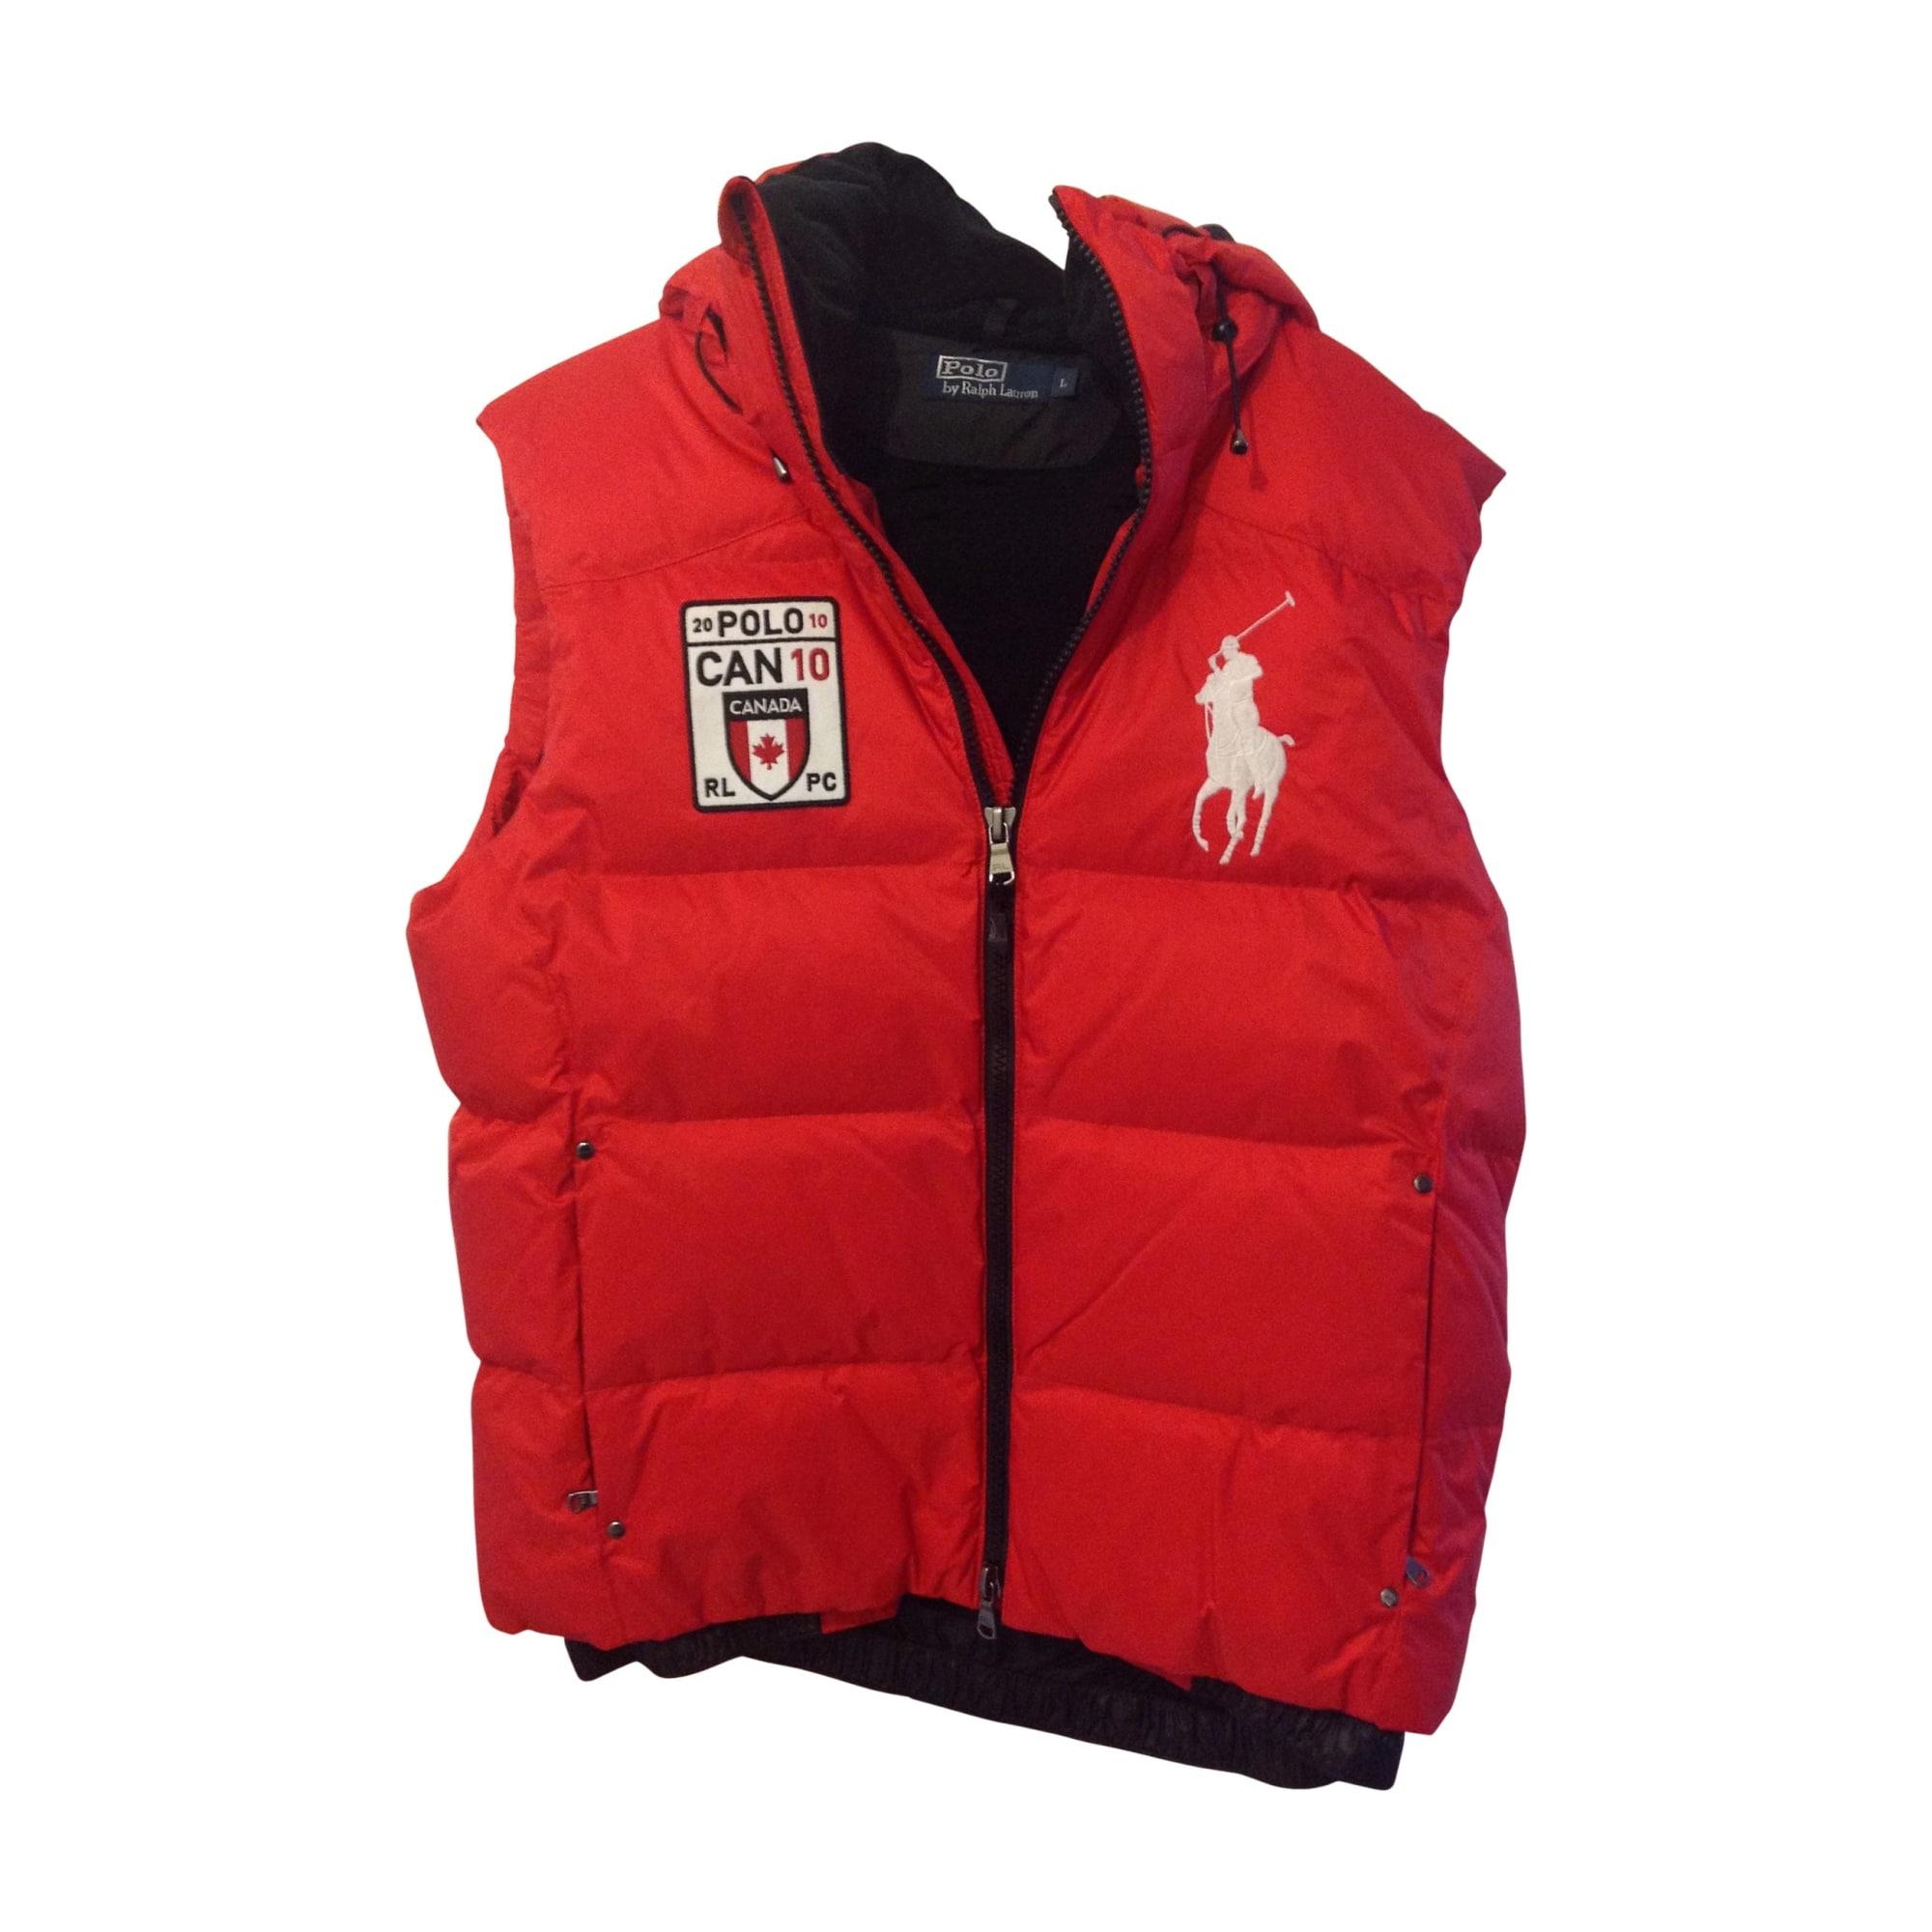 63cead451b27e Doudoune RALPH LAUREN 52 (L) rouge vendu par Minab537281 - 2193702